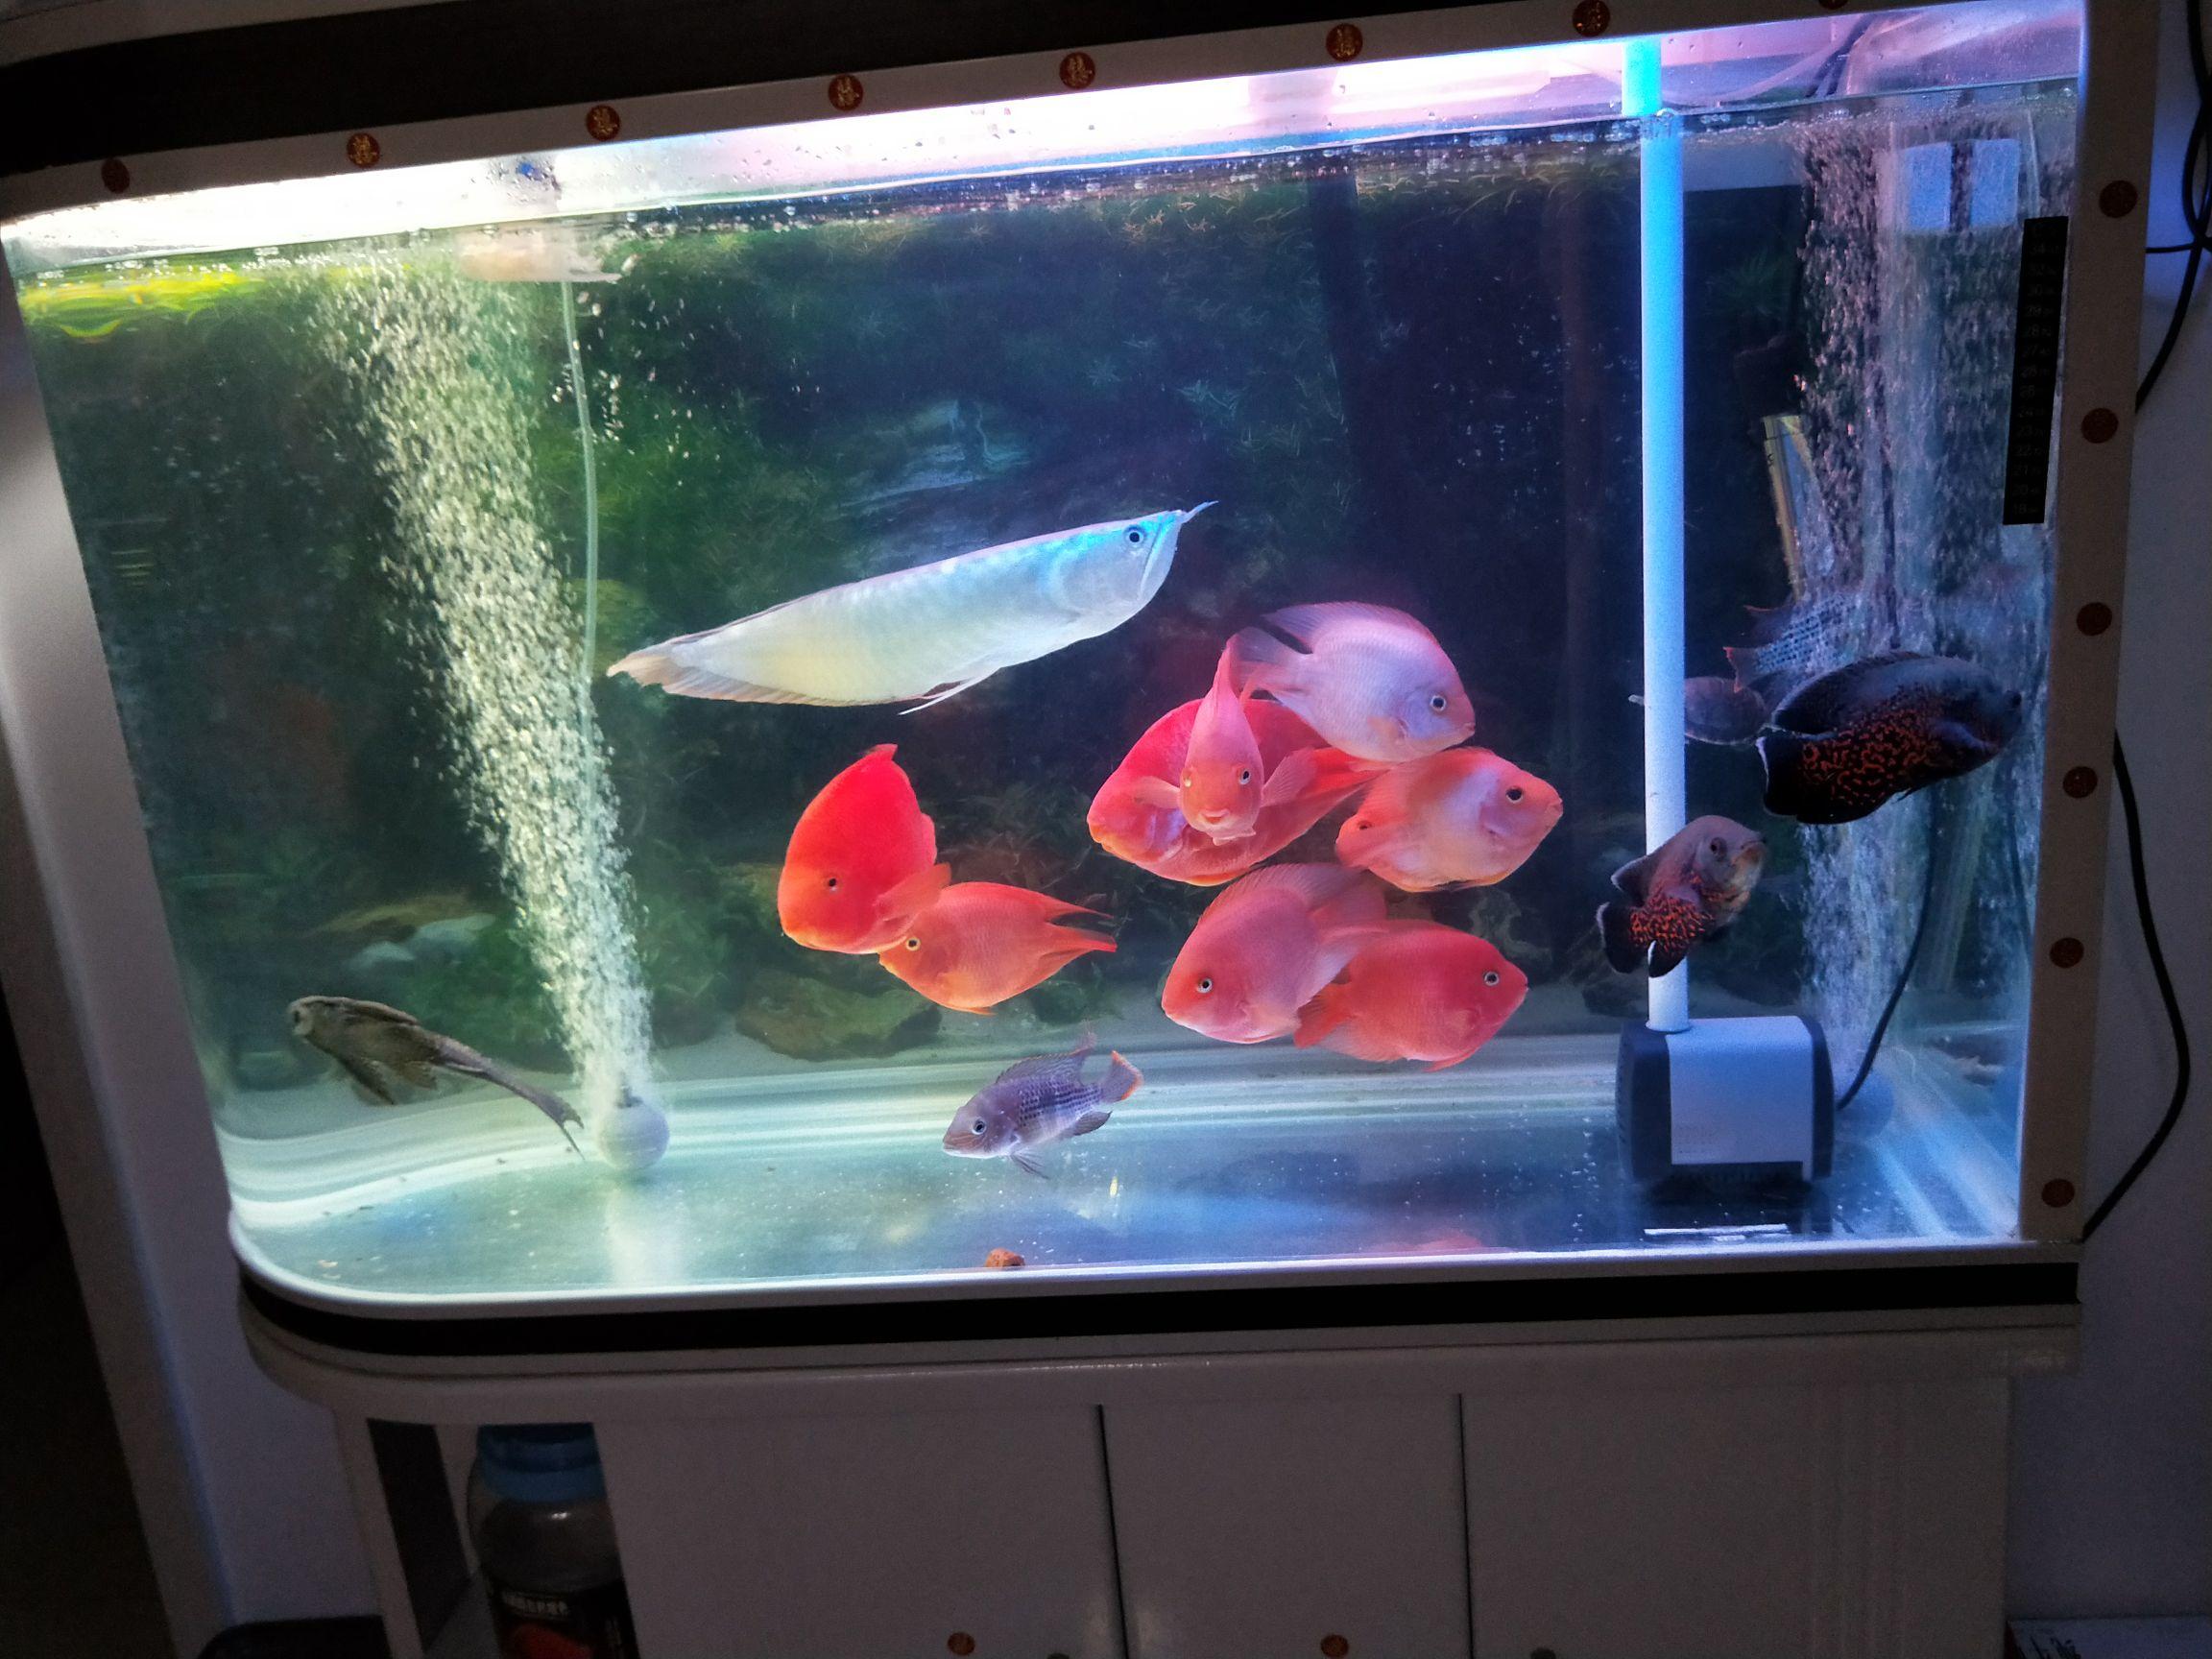 【西安红龙鱼粮】鱼鱼 今天都怎么爱动 为什么呢 西安观赏鱼信息 西安博特第2张